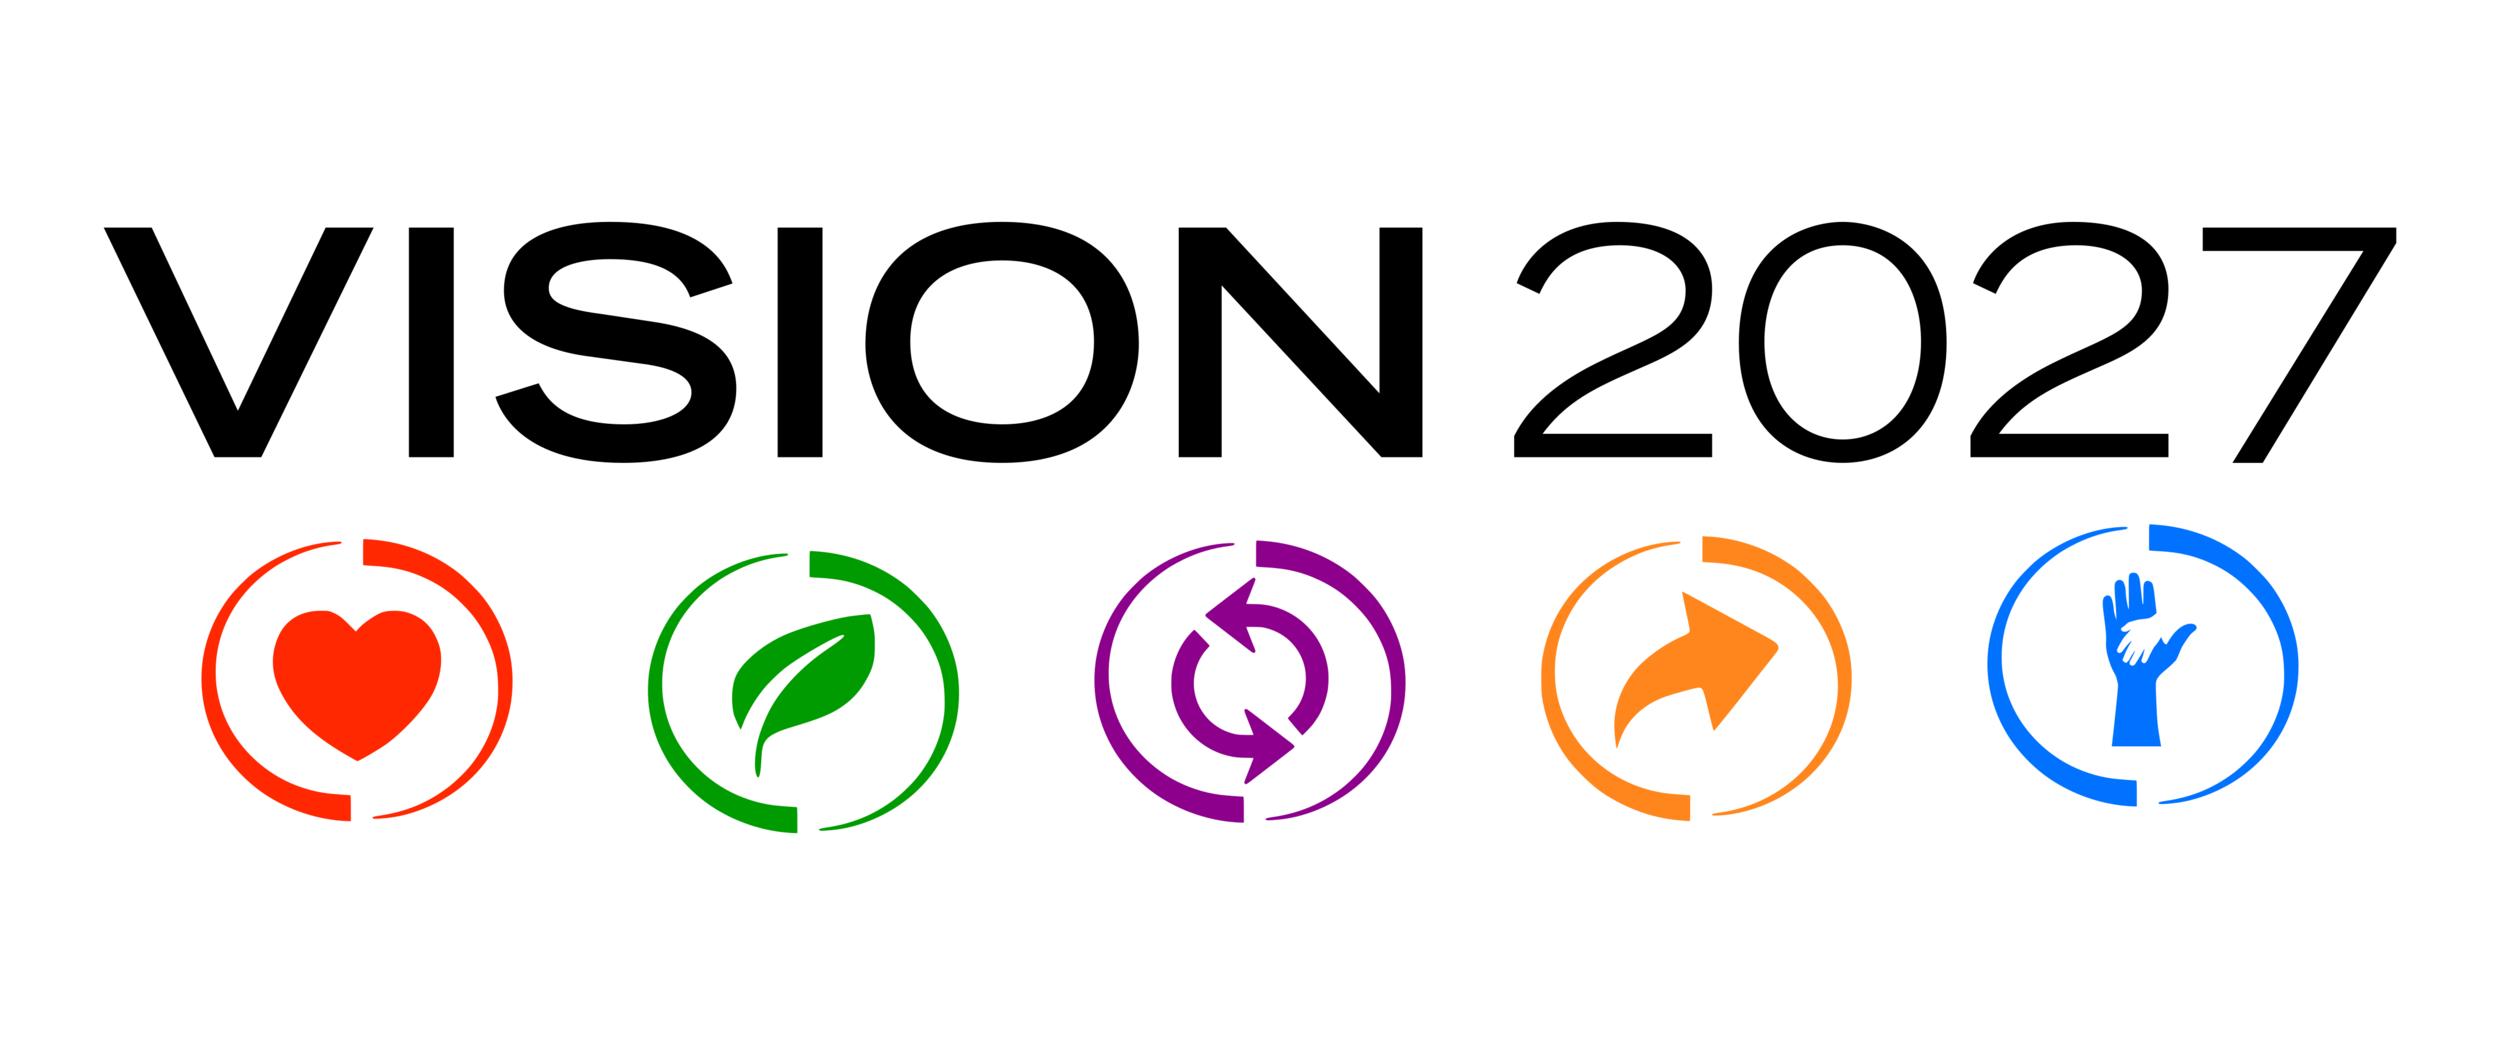 Vision 2027 website.png